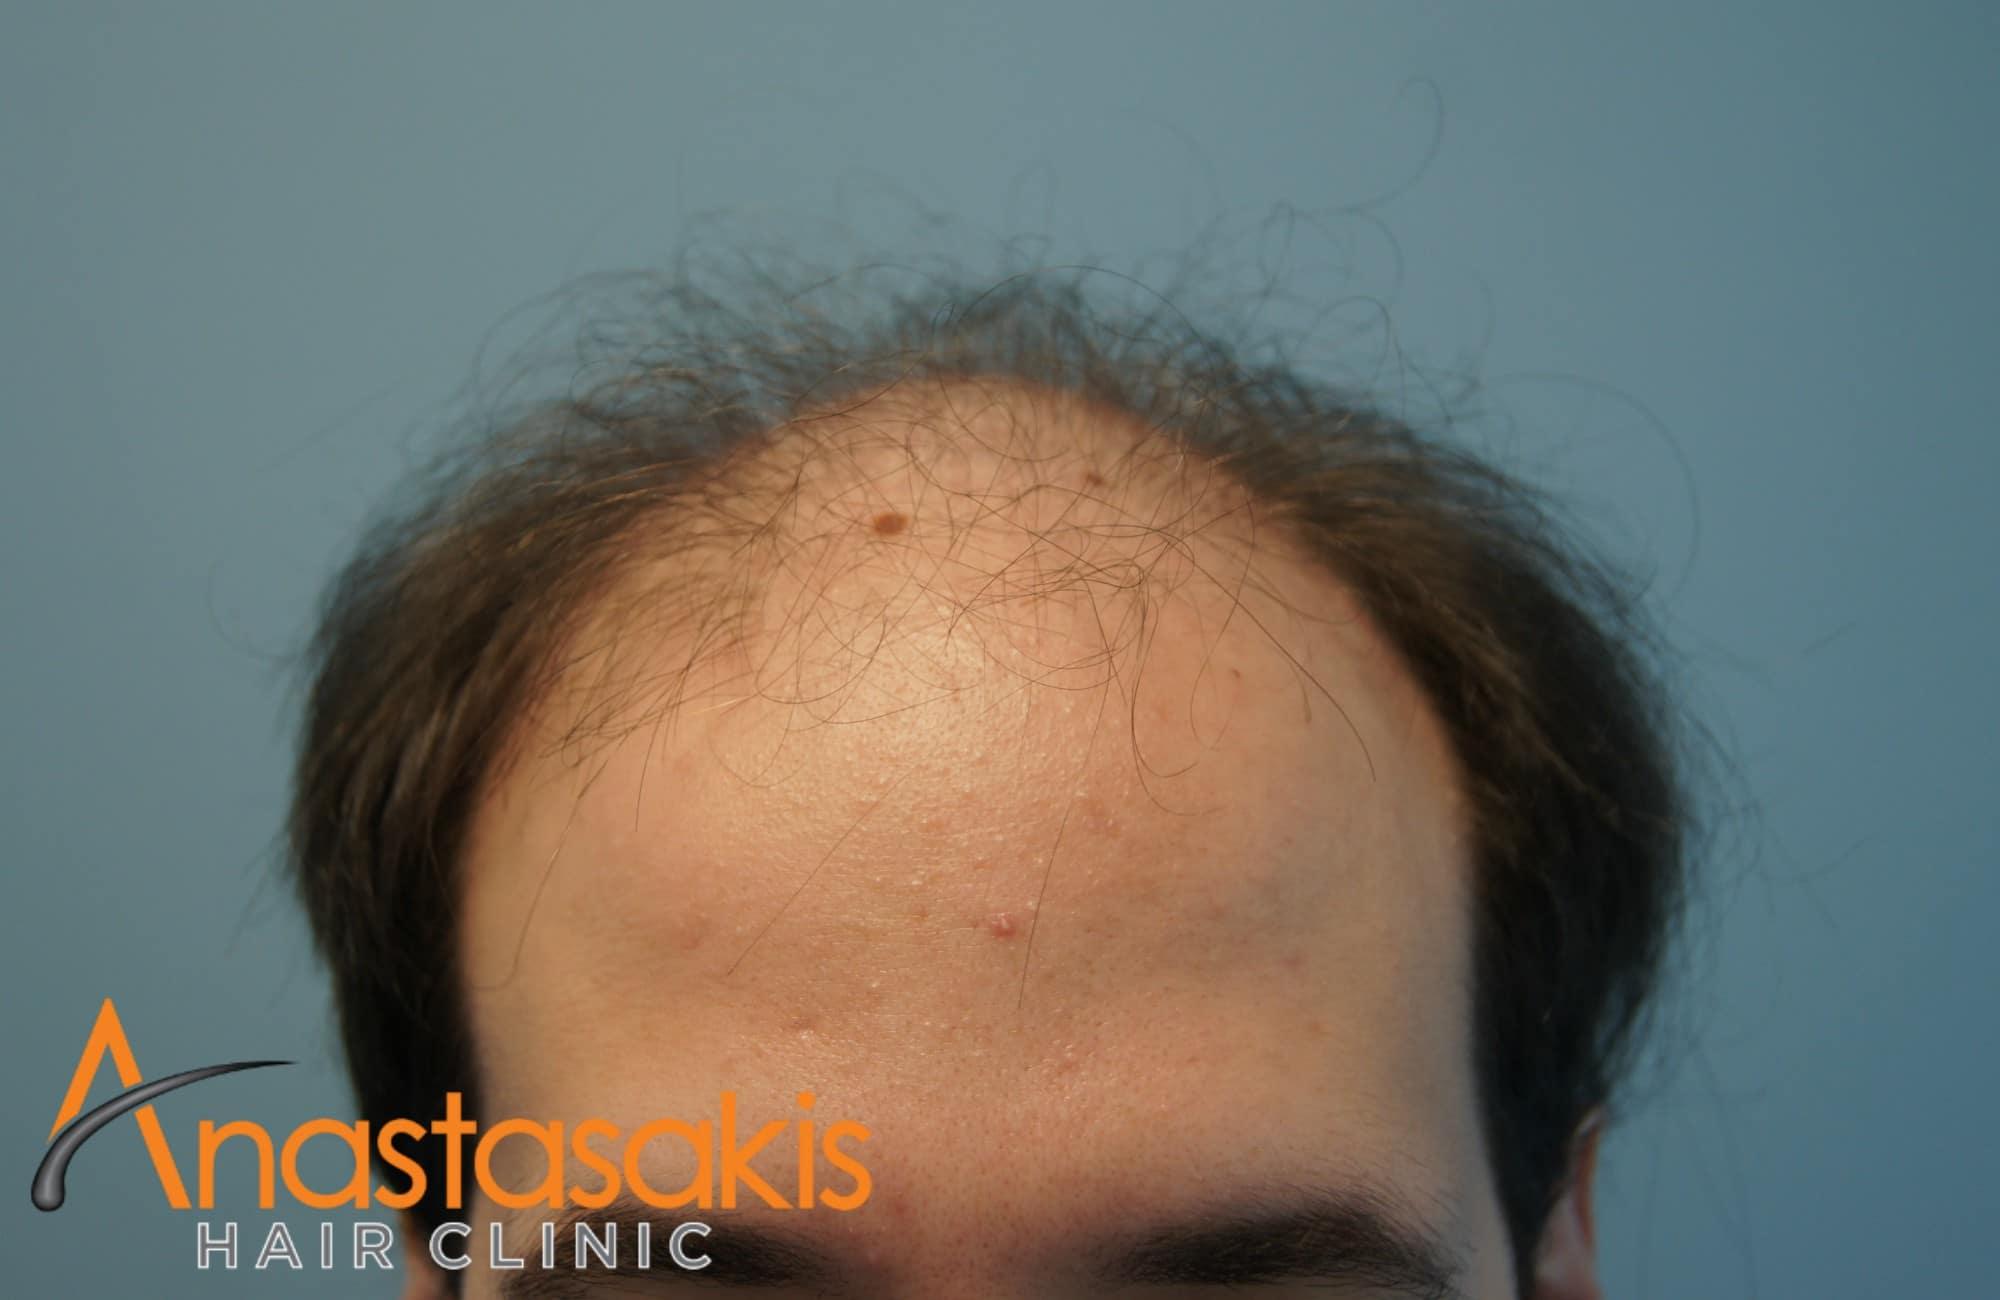 hairline ασθενους πριν τη μεταμοσχευση μαλλιων με 3500 fus